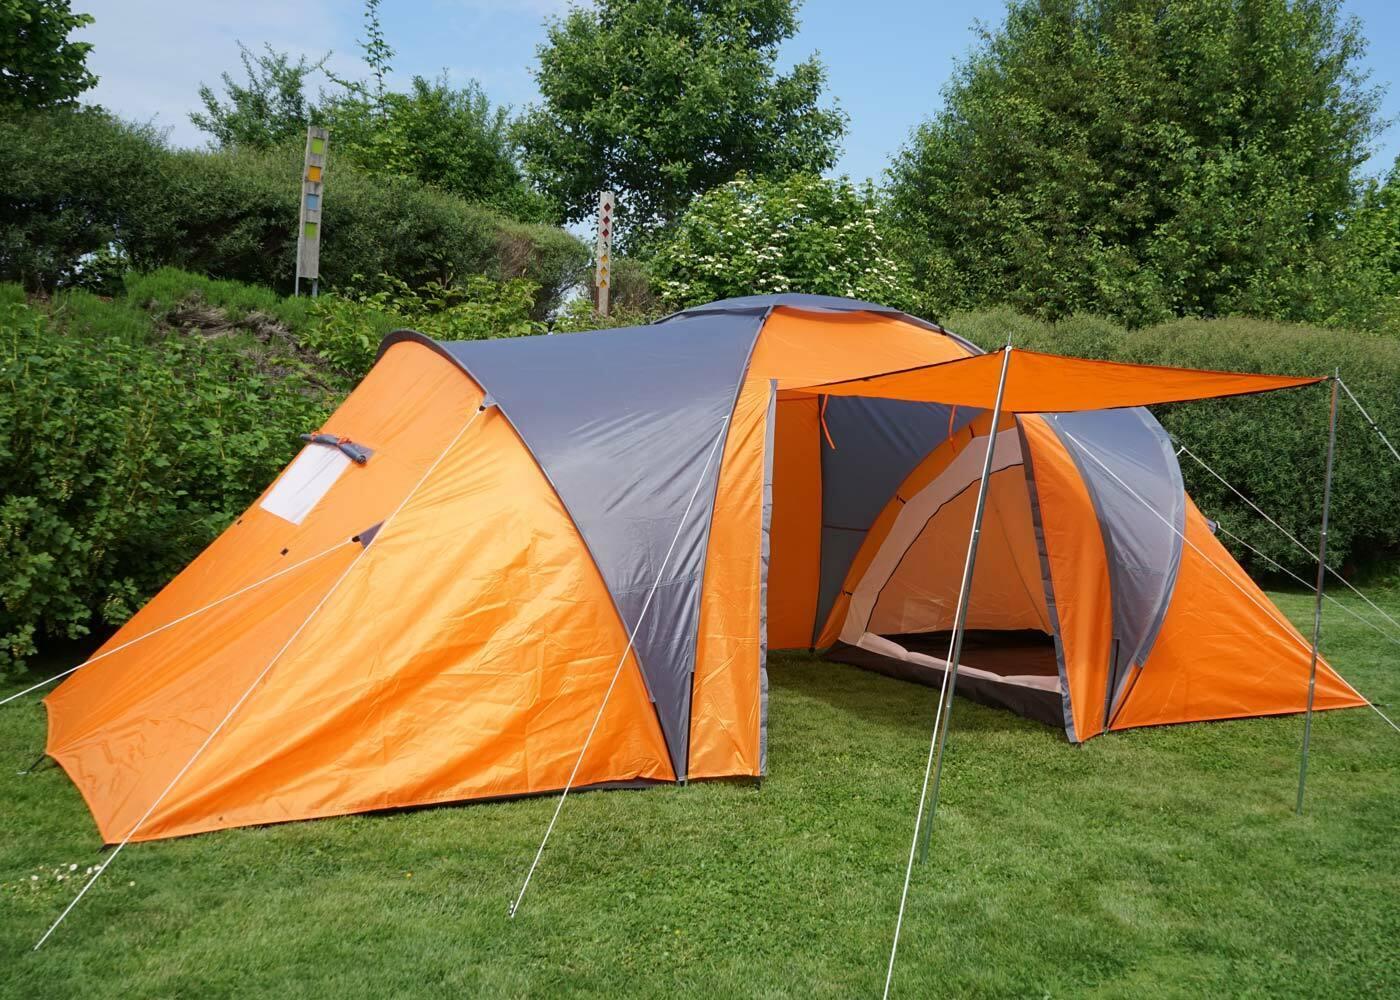 Campingzelt Loksa, 6-Mann Kuppelzelt Igluzelt Festival-Zelt, 6 Personen Orange